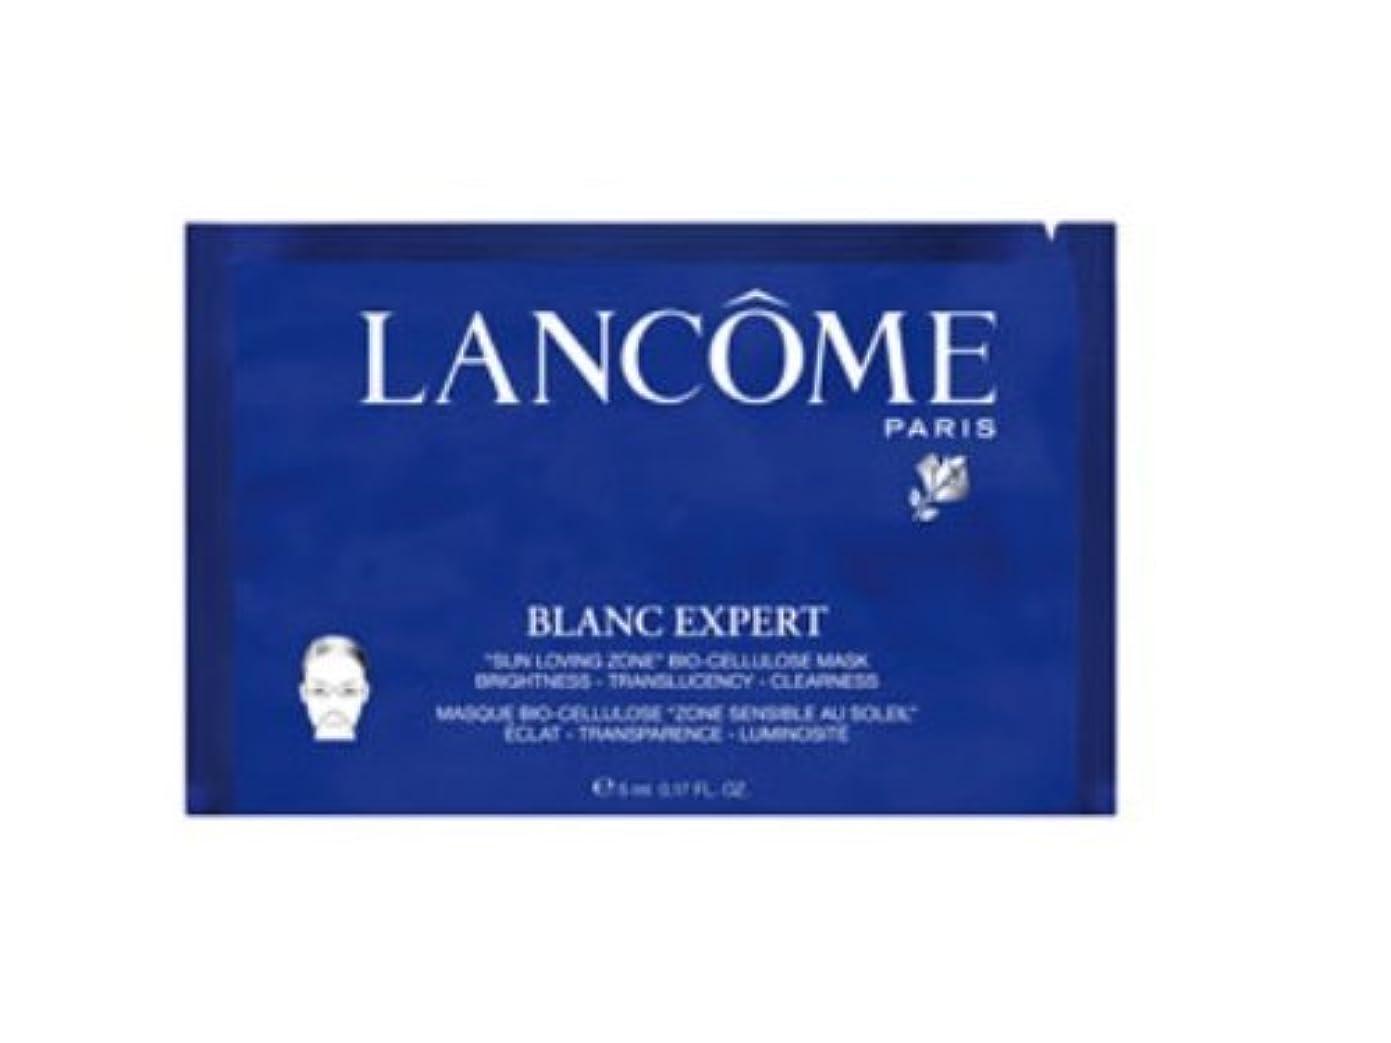 ピアニスト腹痛グレートオークブラン エクスペール サン ラブゾーン マスク 5ml×6 【ランコム】